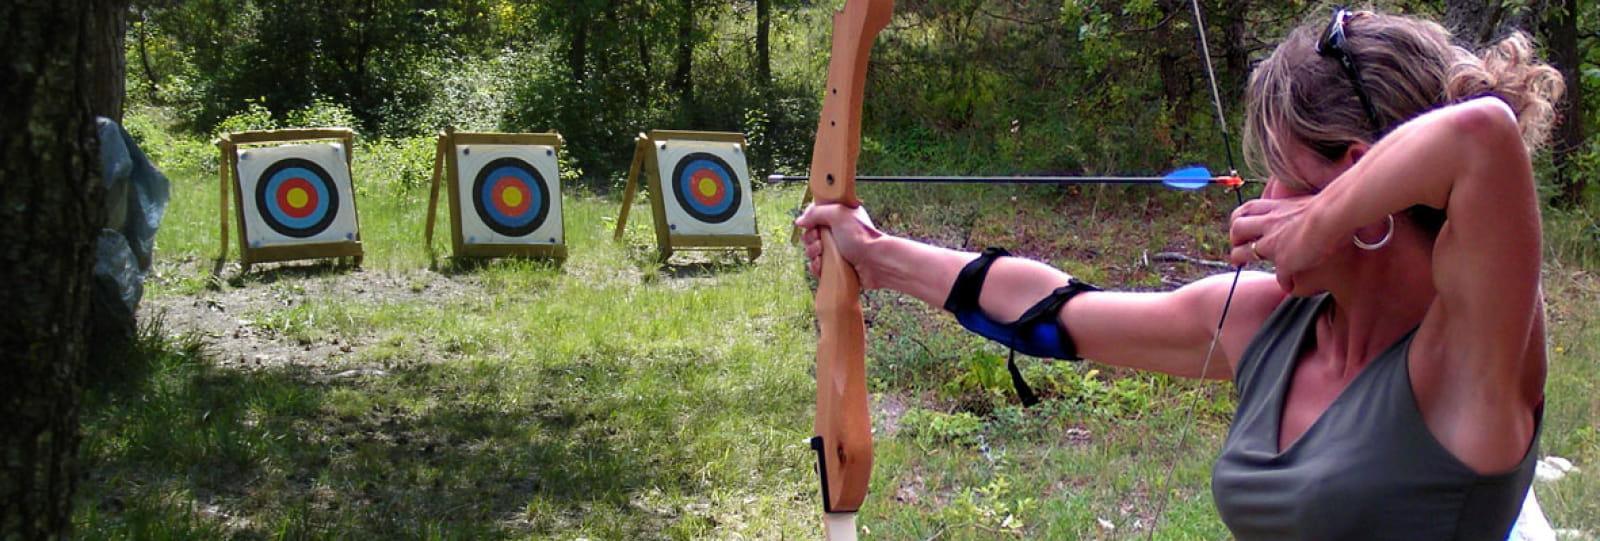 Acro Pôle aventure : tir à l'arc et sarbacane